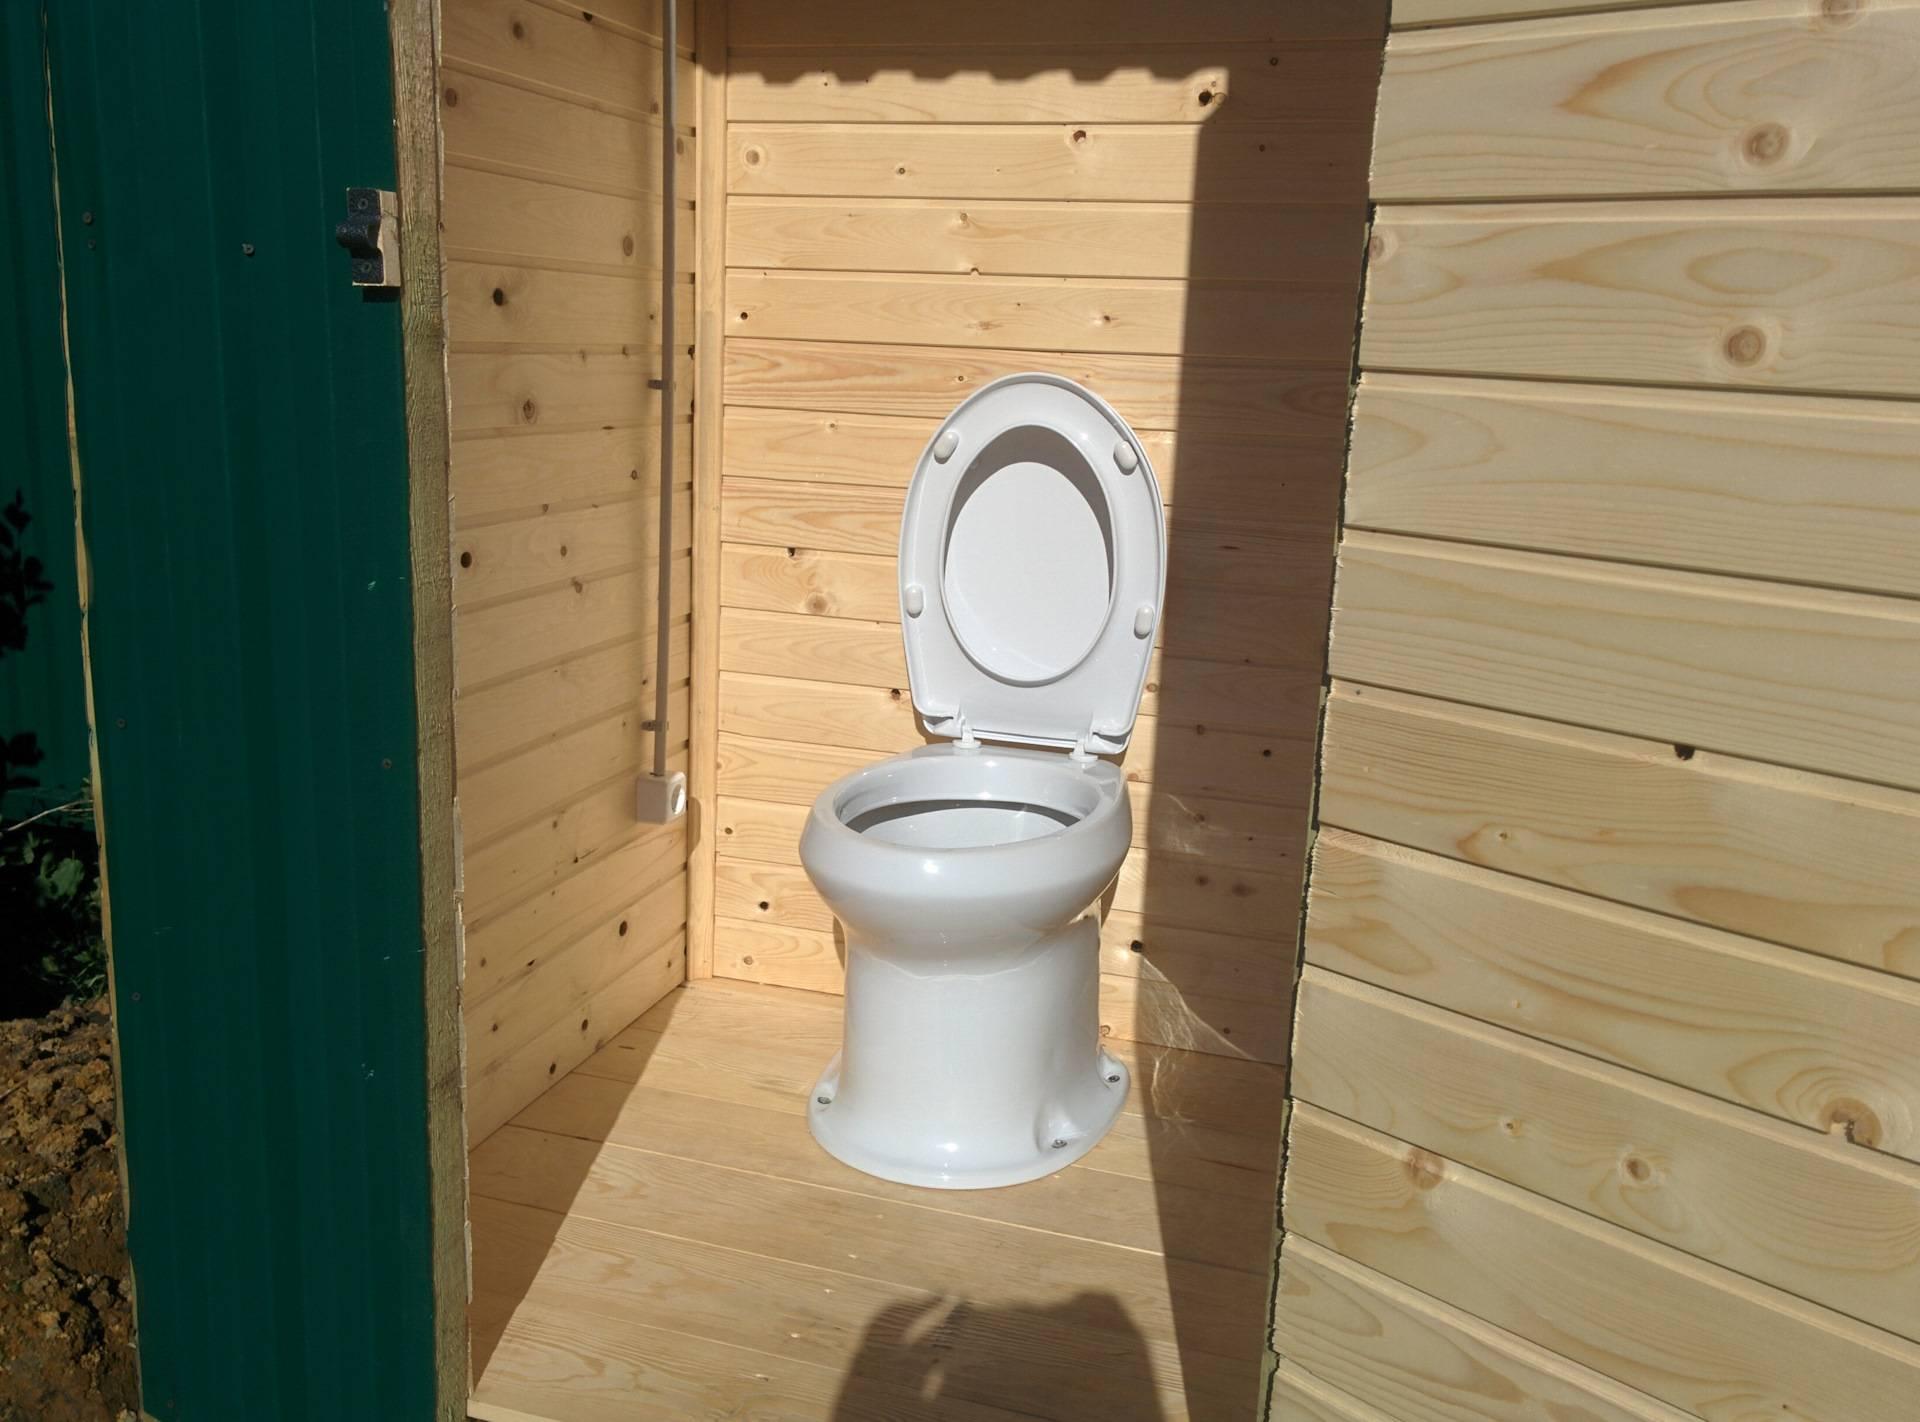 Дачный унитаз: керамическая конструкция для уличного туалета, прямое изделие для дачи на выгребную яму, садовый унитаз бренда «оскольская керамика»